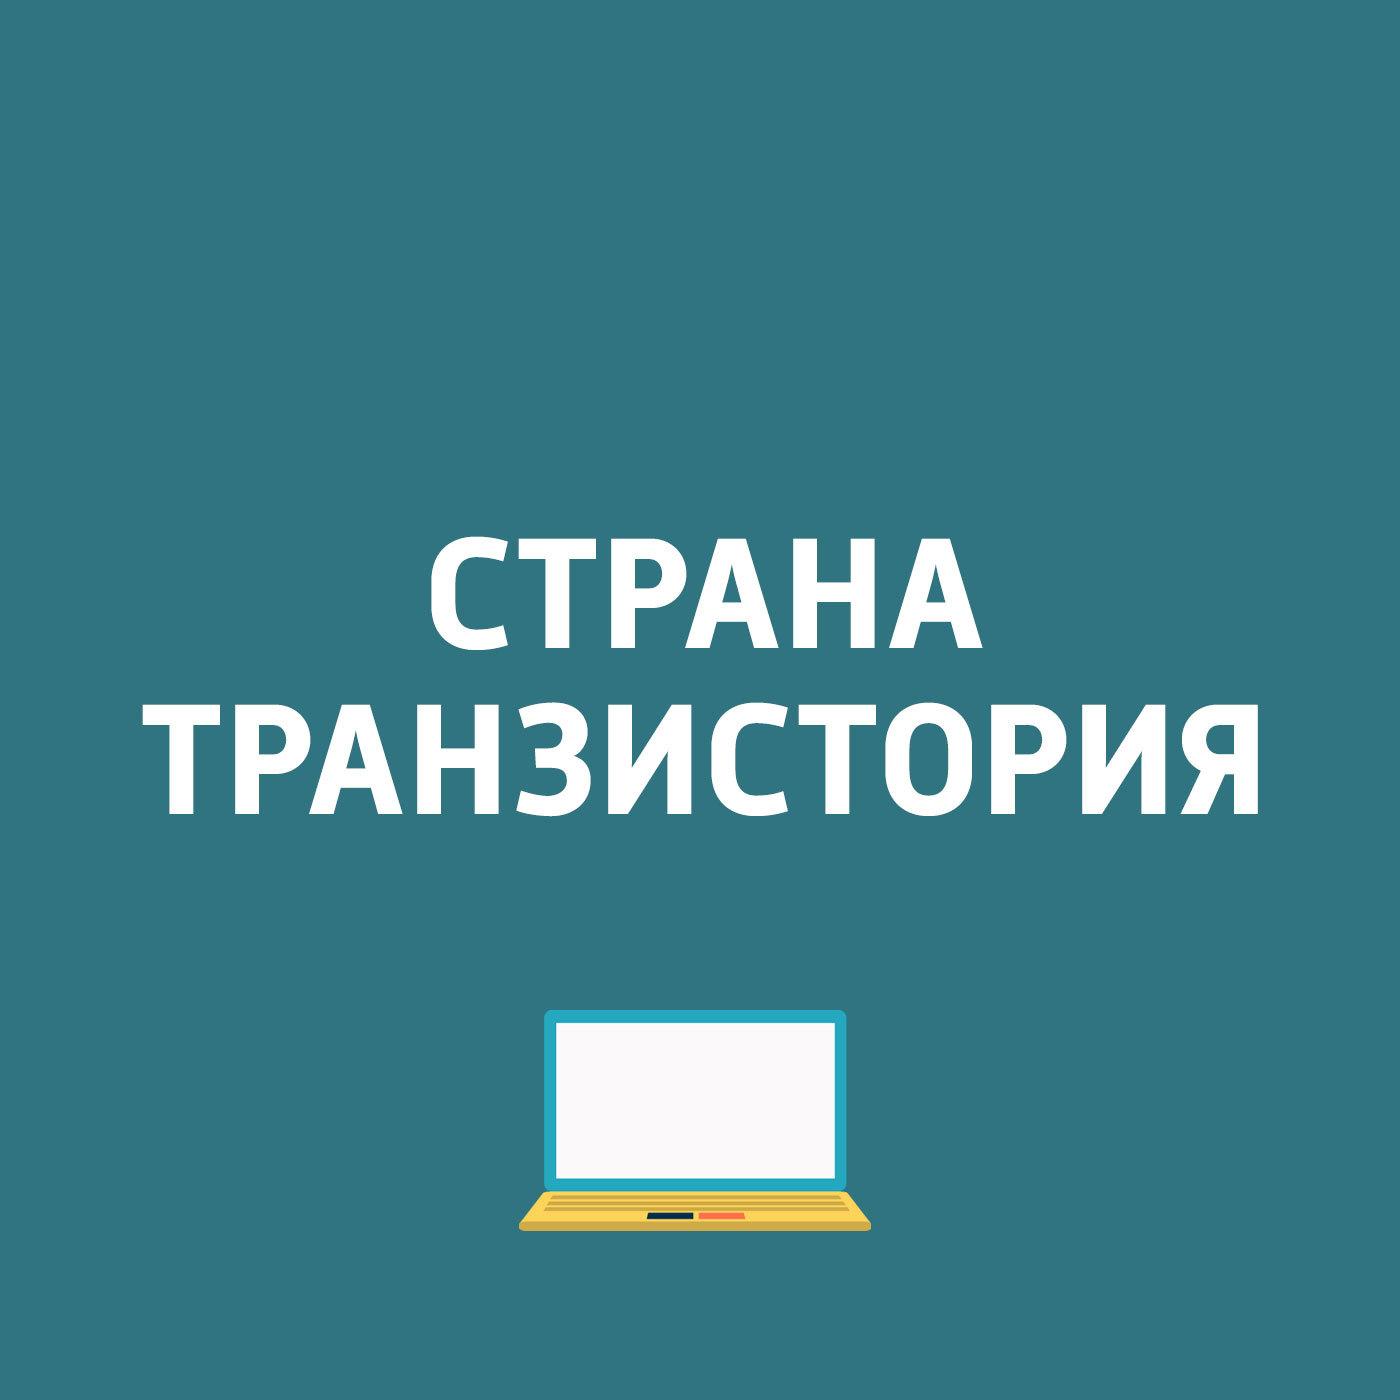 Картаев Павел Яндекс подвел музыкальные итоги года; В Twitter появились прямые трансляции без Periscope... картаев павел функции windows 10 василий уткин стал голосом яндекс навигатор